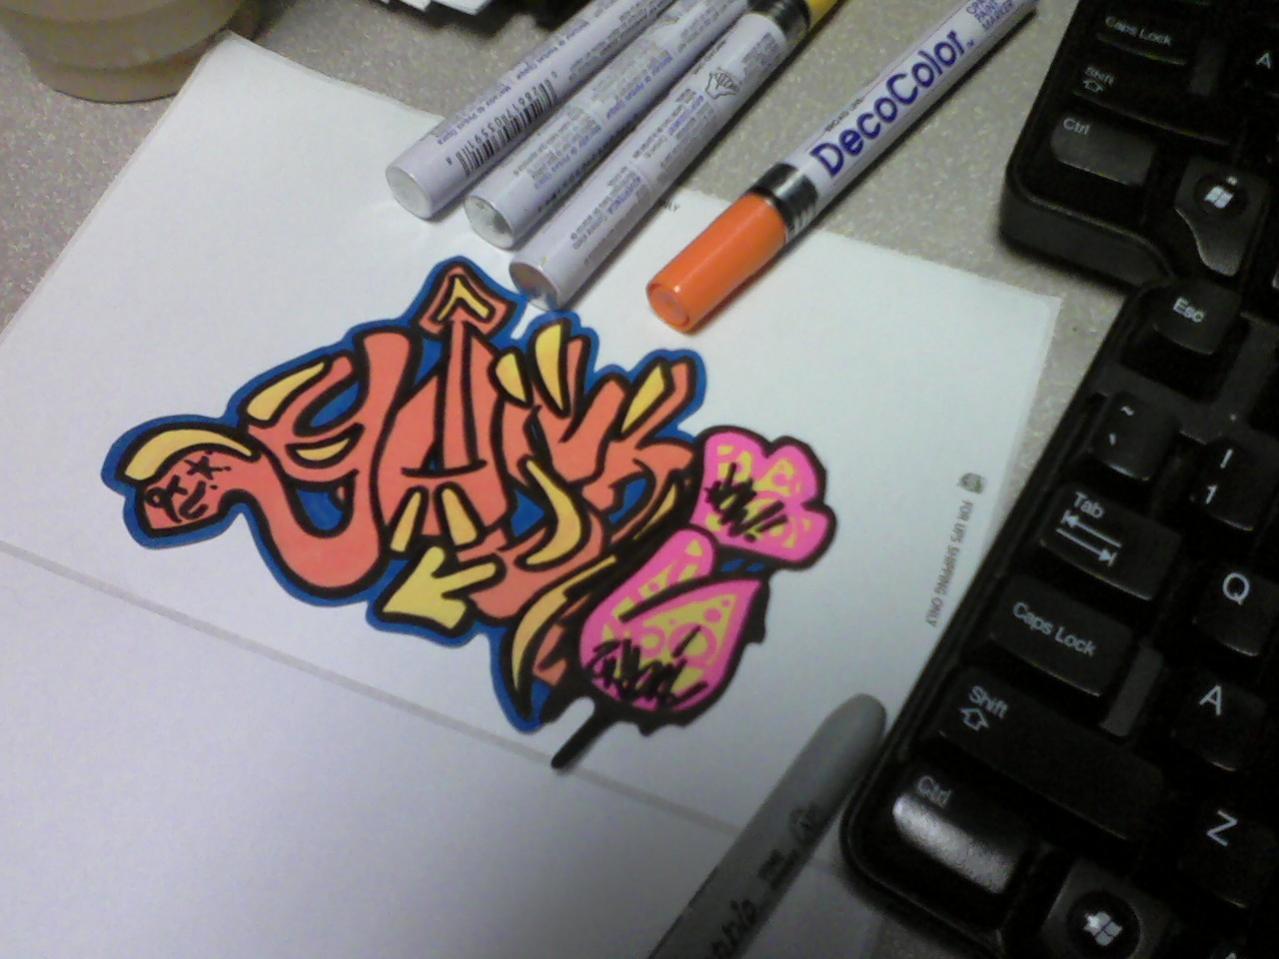 slap4yoshi.jpg